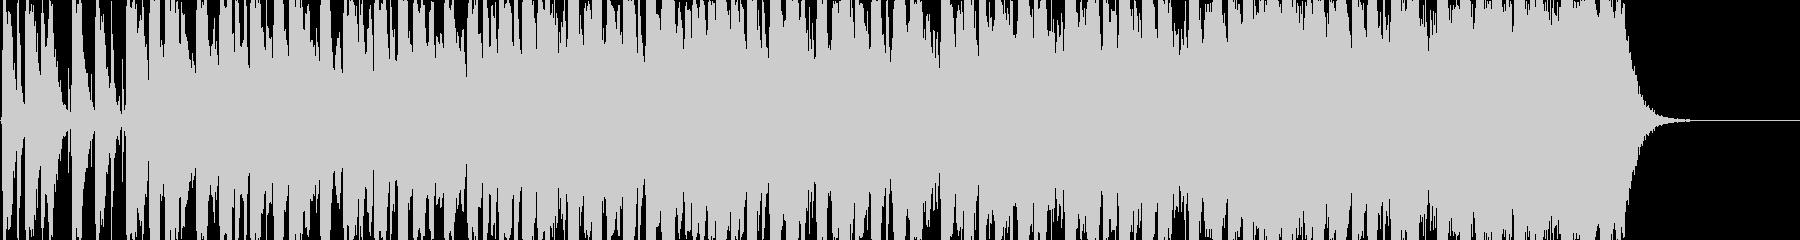 シネマティック サスペンス アクシ...の未再生の波形